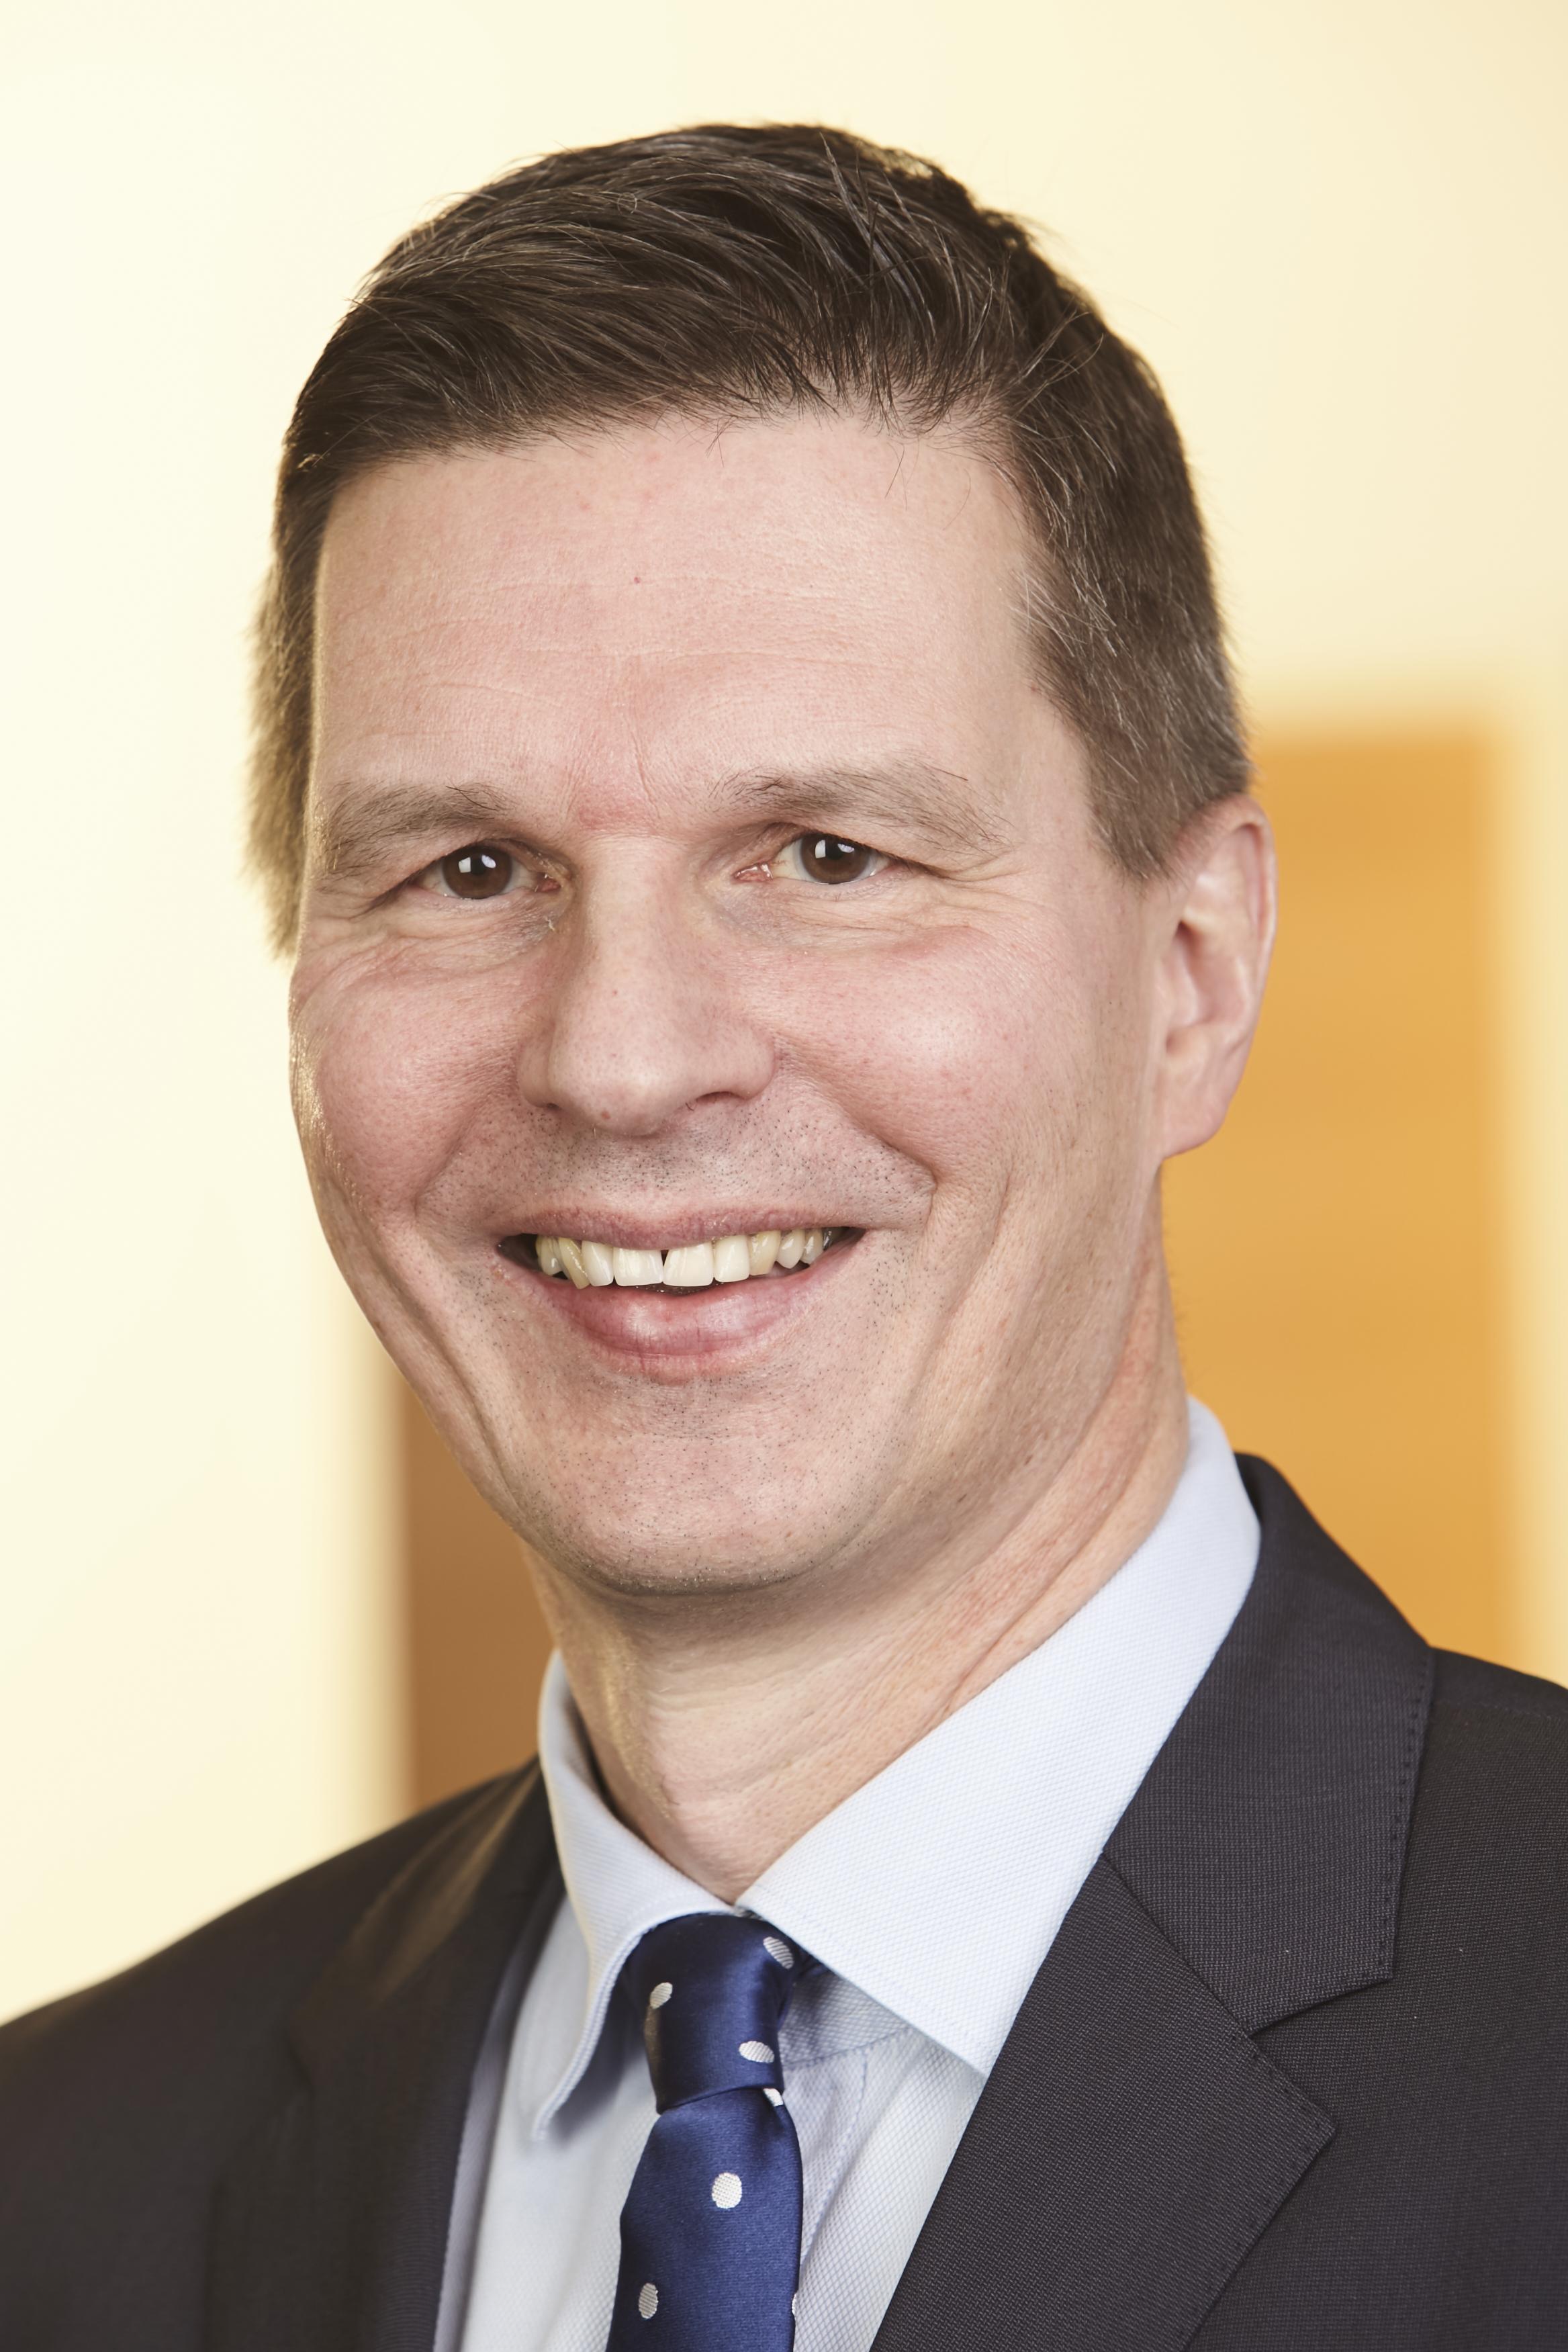 Professor Axel Dignass, UEG Representative